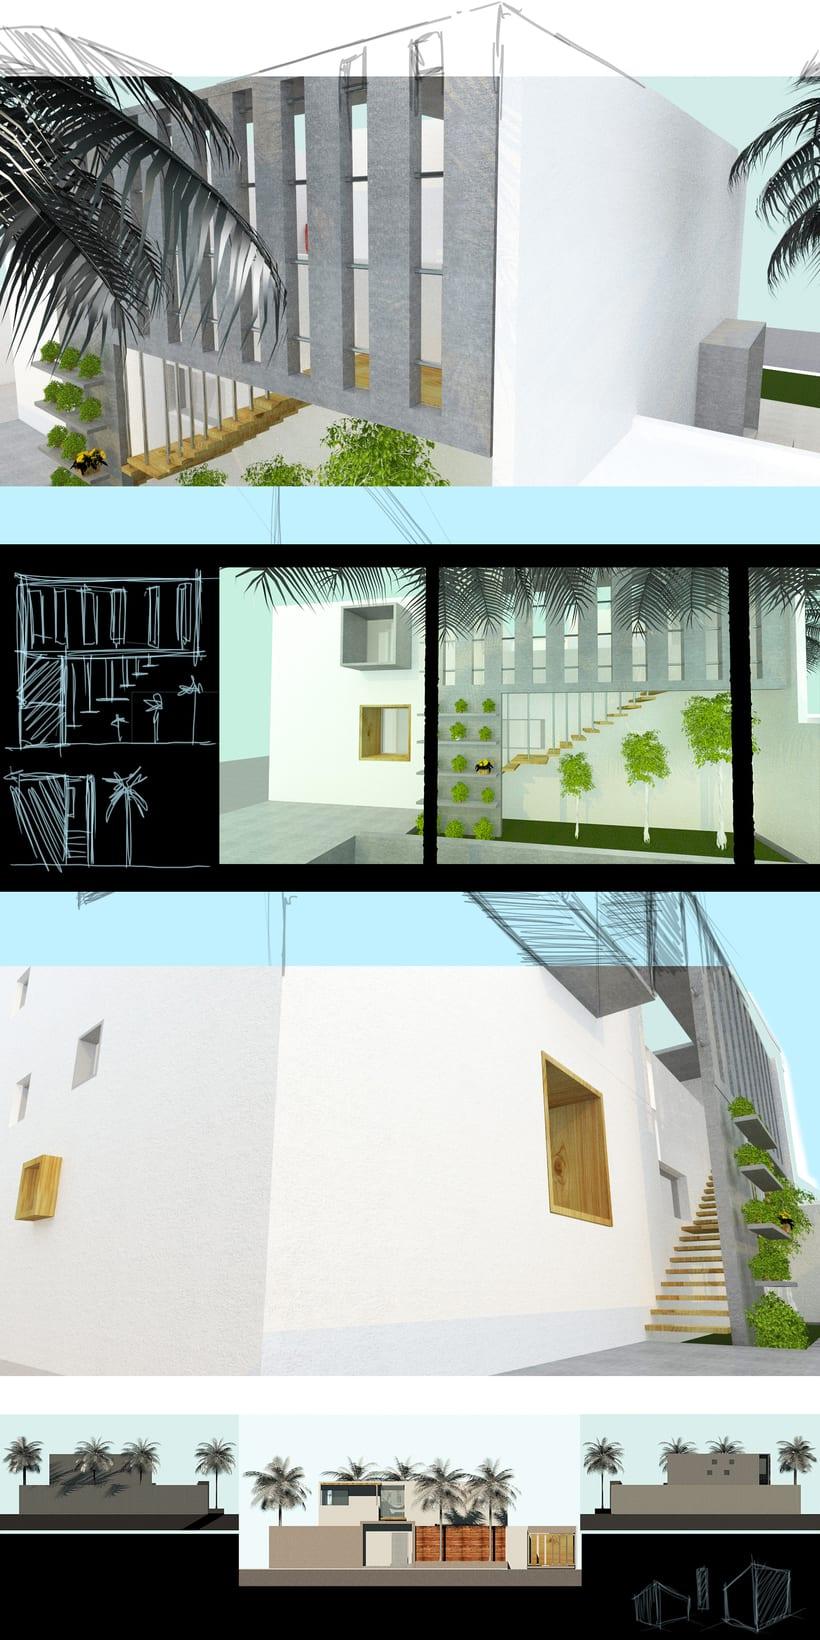 Casa CUbo 8